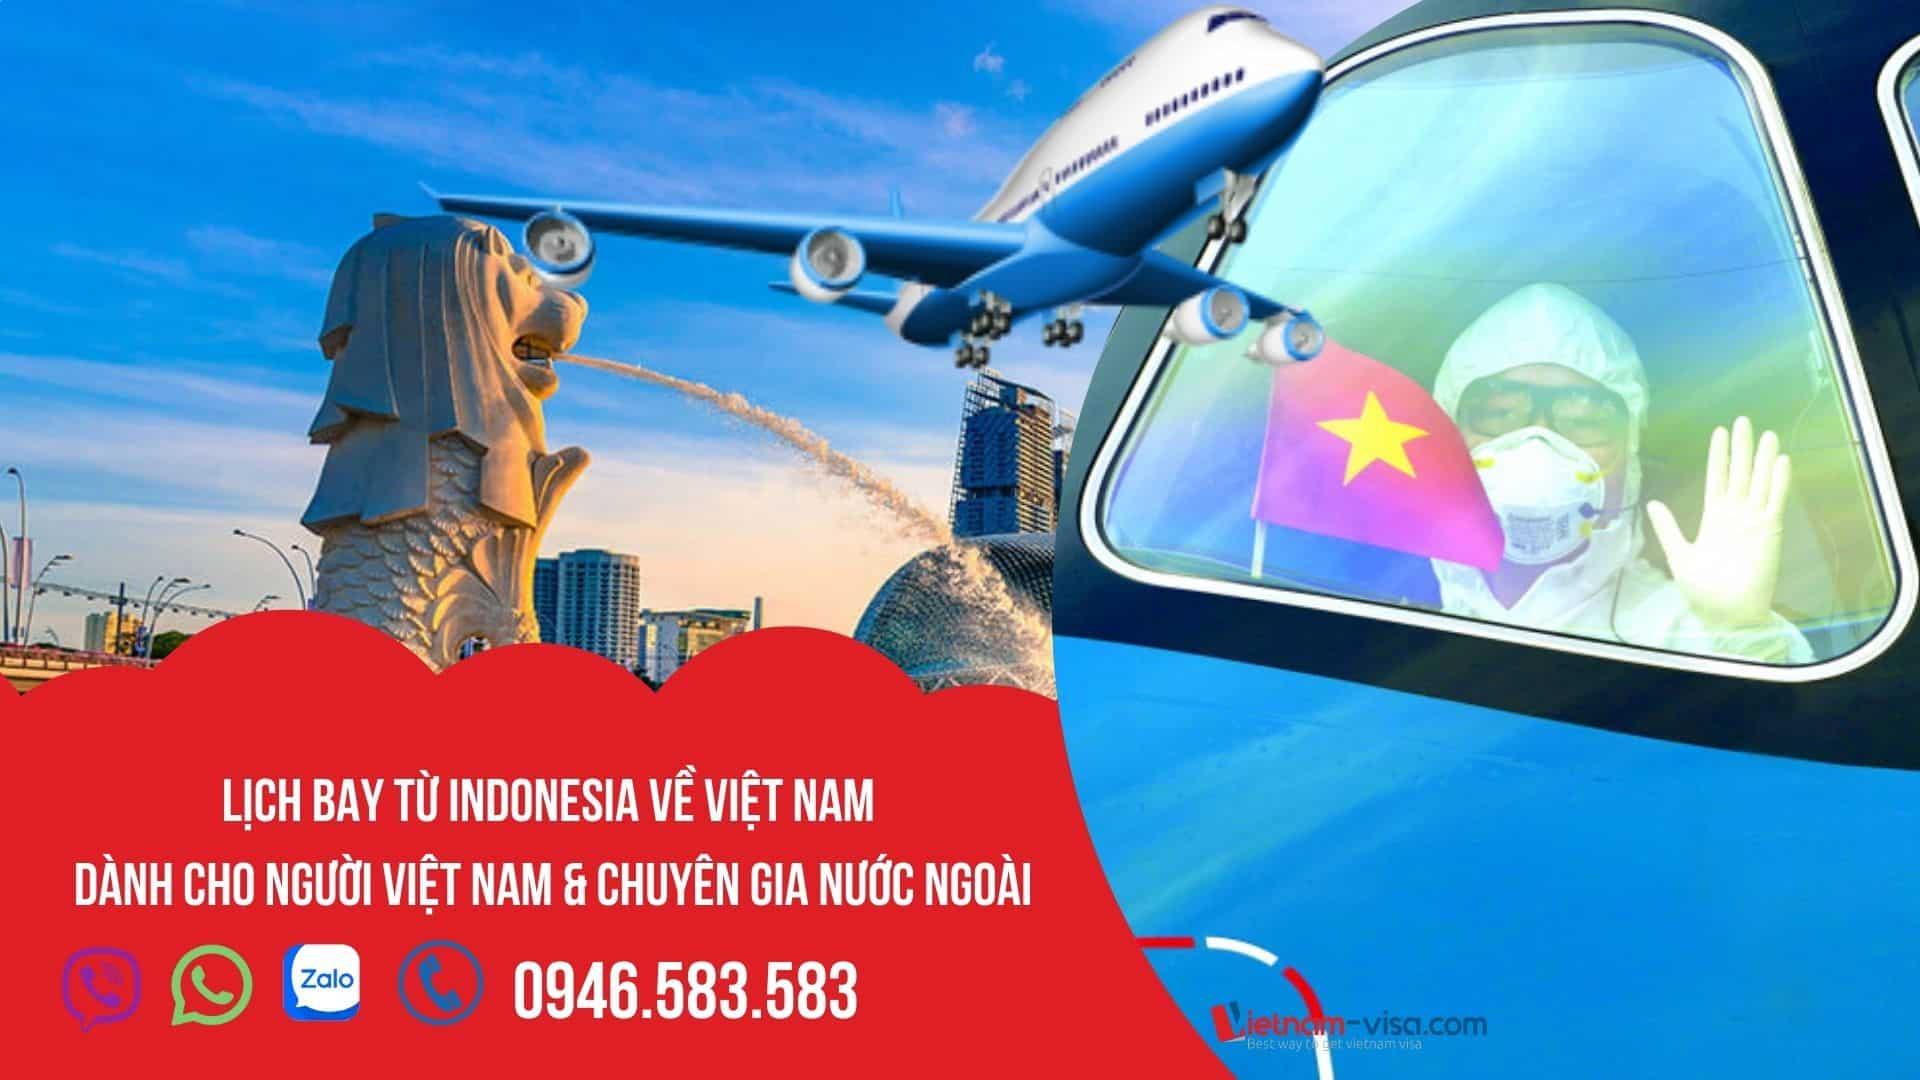 [HOT] Vé máy bay từ Indonesia về Việt Nam – Lịch bay tháng 10 & 11